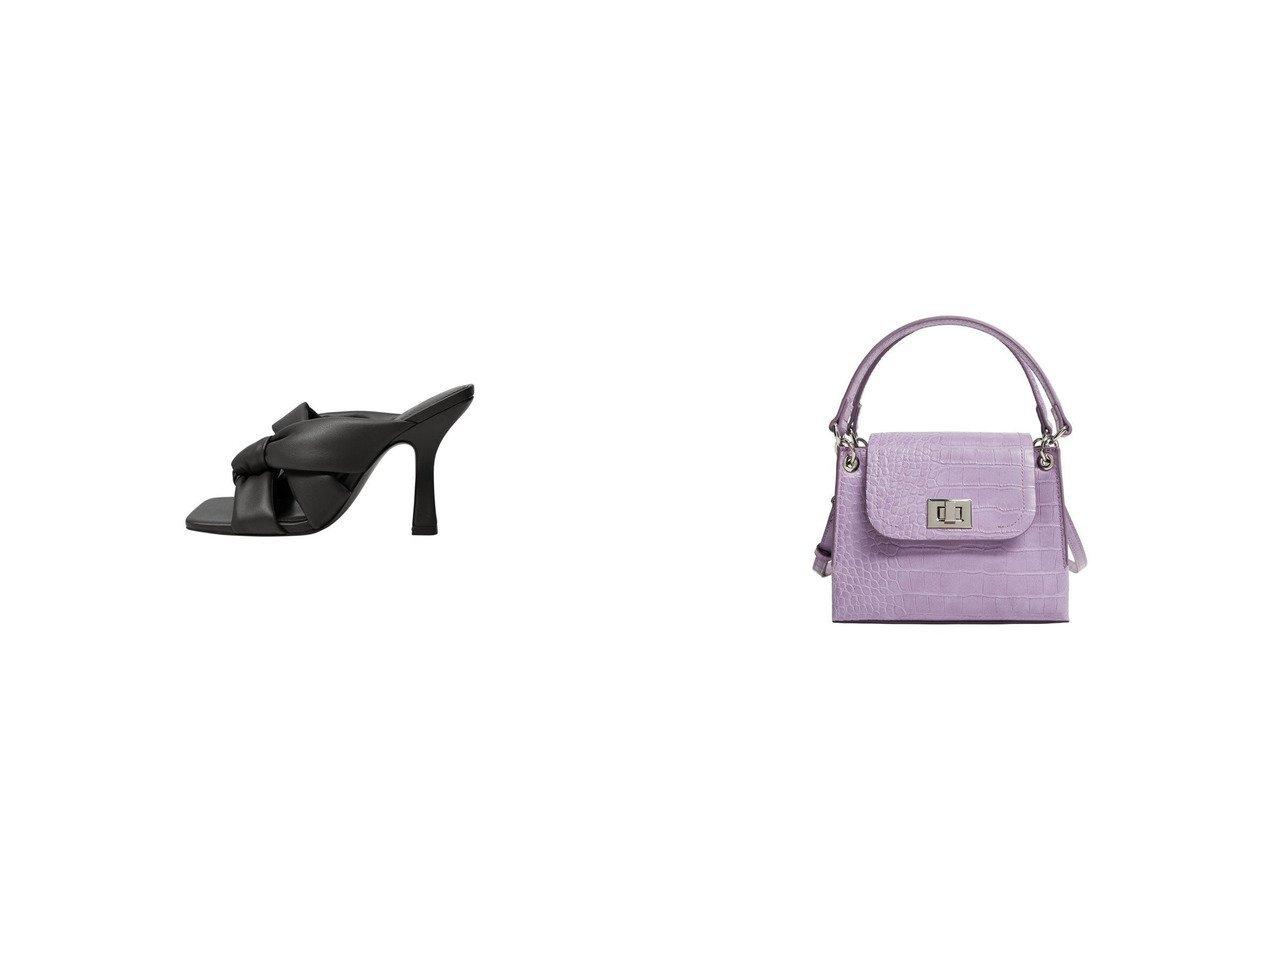 【MANGO/マンゴ】のハンドバッグ P-- MALEK&サンダル .-- BOSSY MANGOのおすすめ!人気、トレンド・レディースファッションの通販  おすすめで人気の流行・トレンド、ファッションの通販商品 メンズファッション・キッズファッション・インテリア・家具・レディースファッション・服の通販 founy(ファニー) https://founy.com/ ファッション Fashion レディースファッション WOMEN 2021年 2021 2021 春夏 S/S SS Spring/Summer 2021 S/S 春夏 SS Spring/Summer サンダル フェイクレザー 春 Spring |ID:crp329100000017709